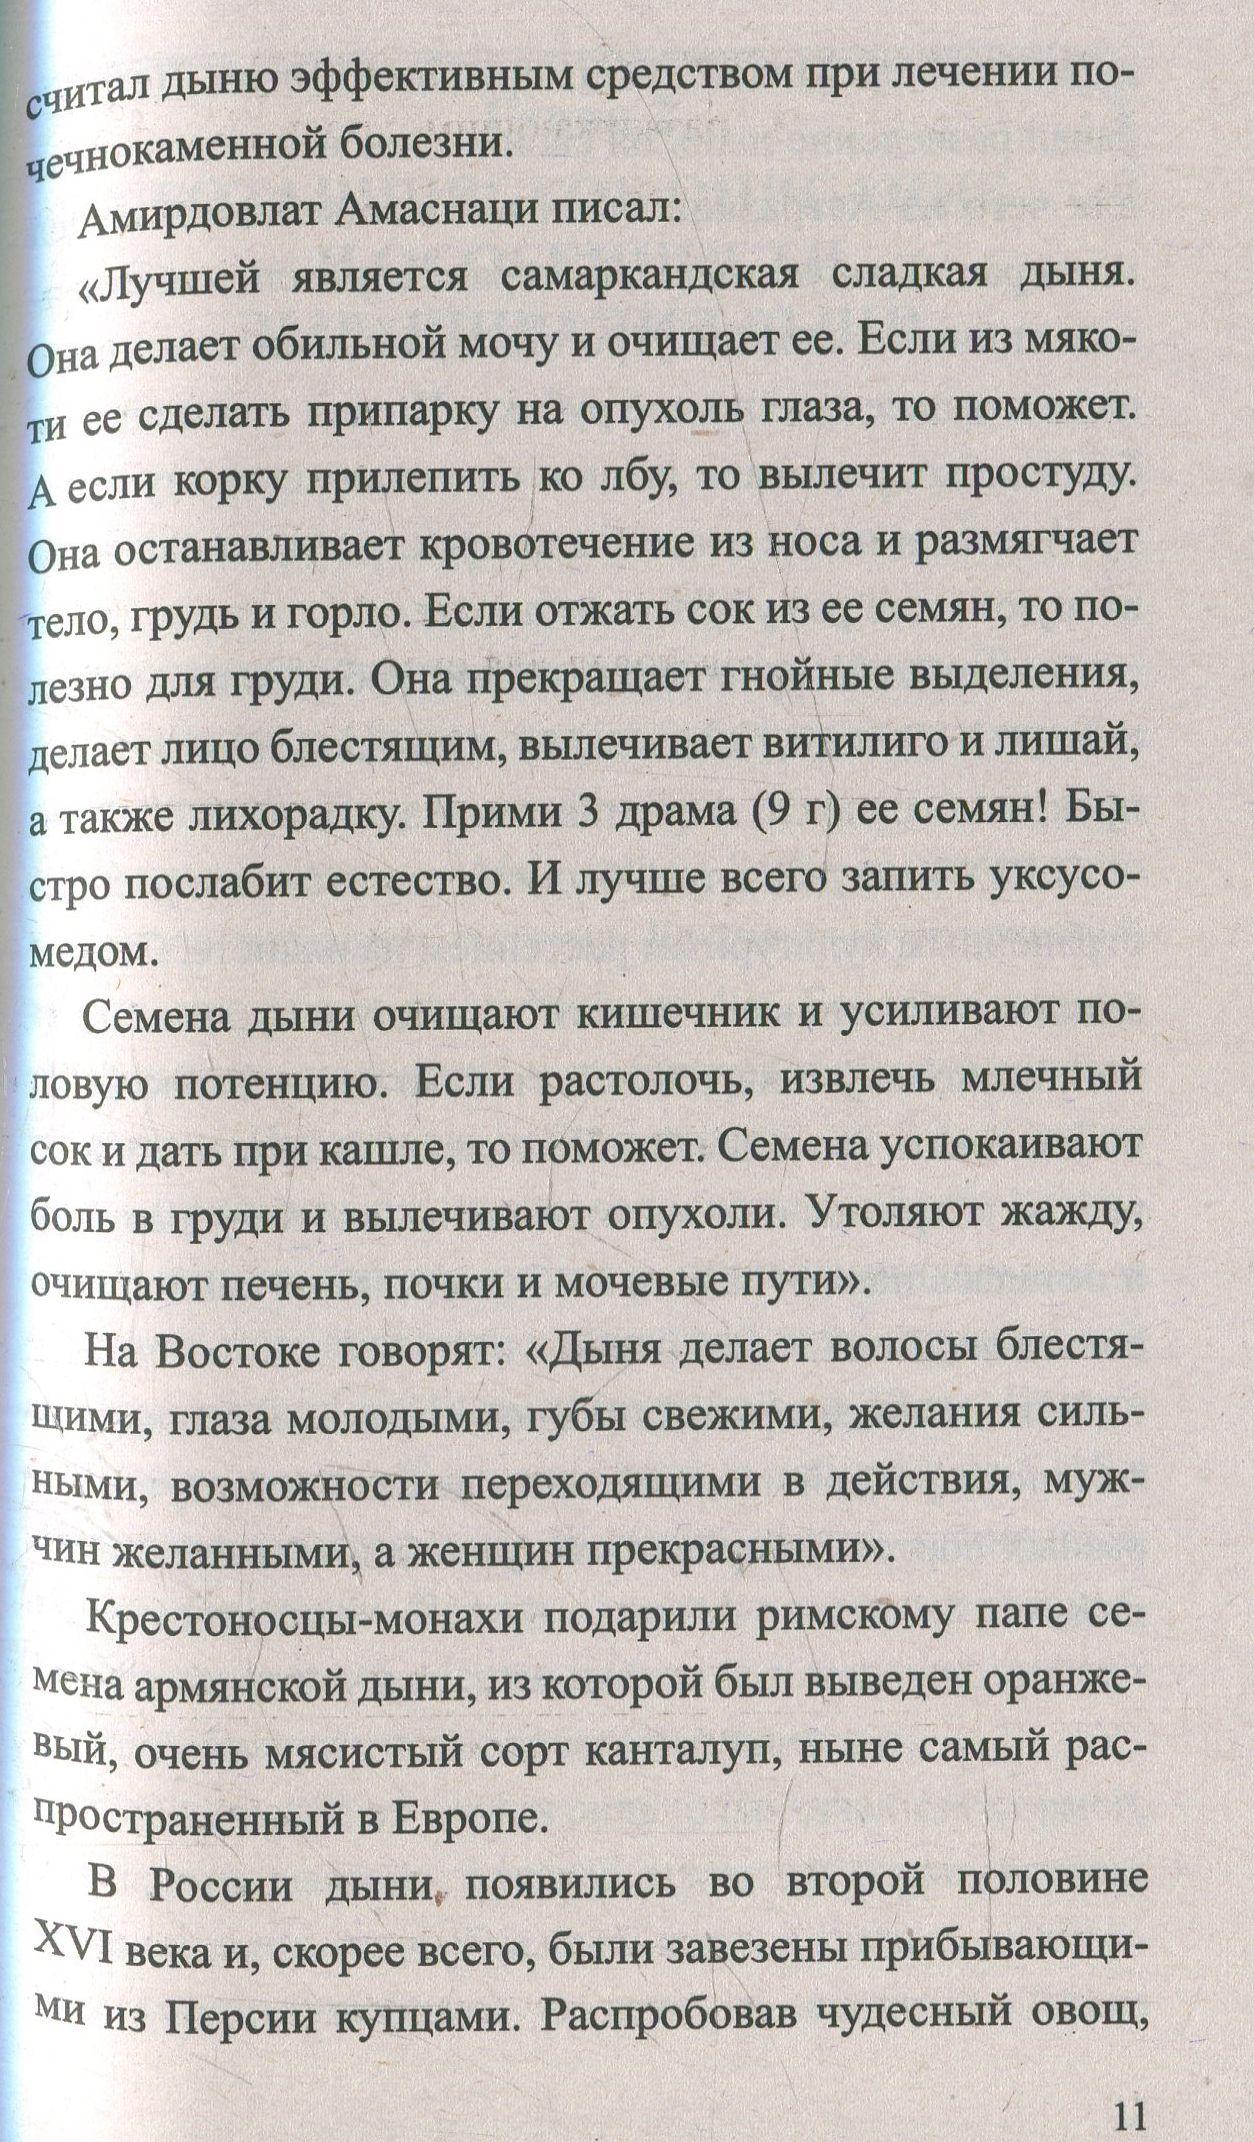 иван павлович неумывакин биография читать